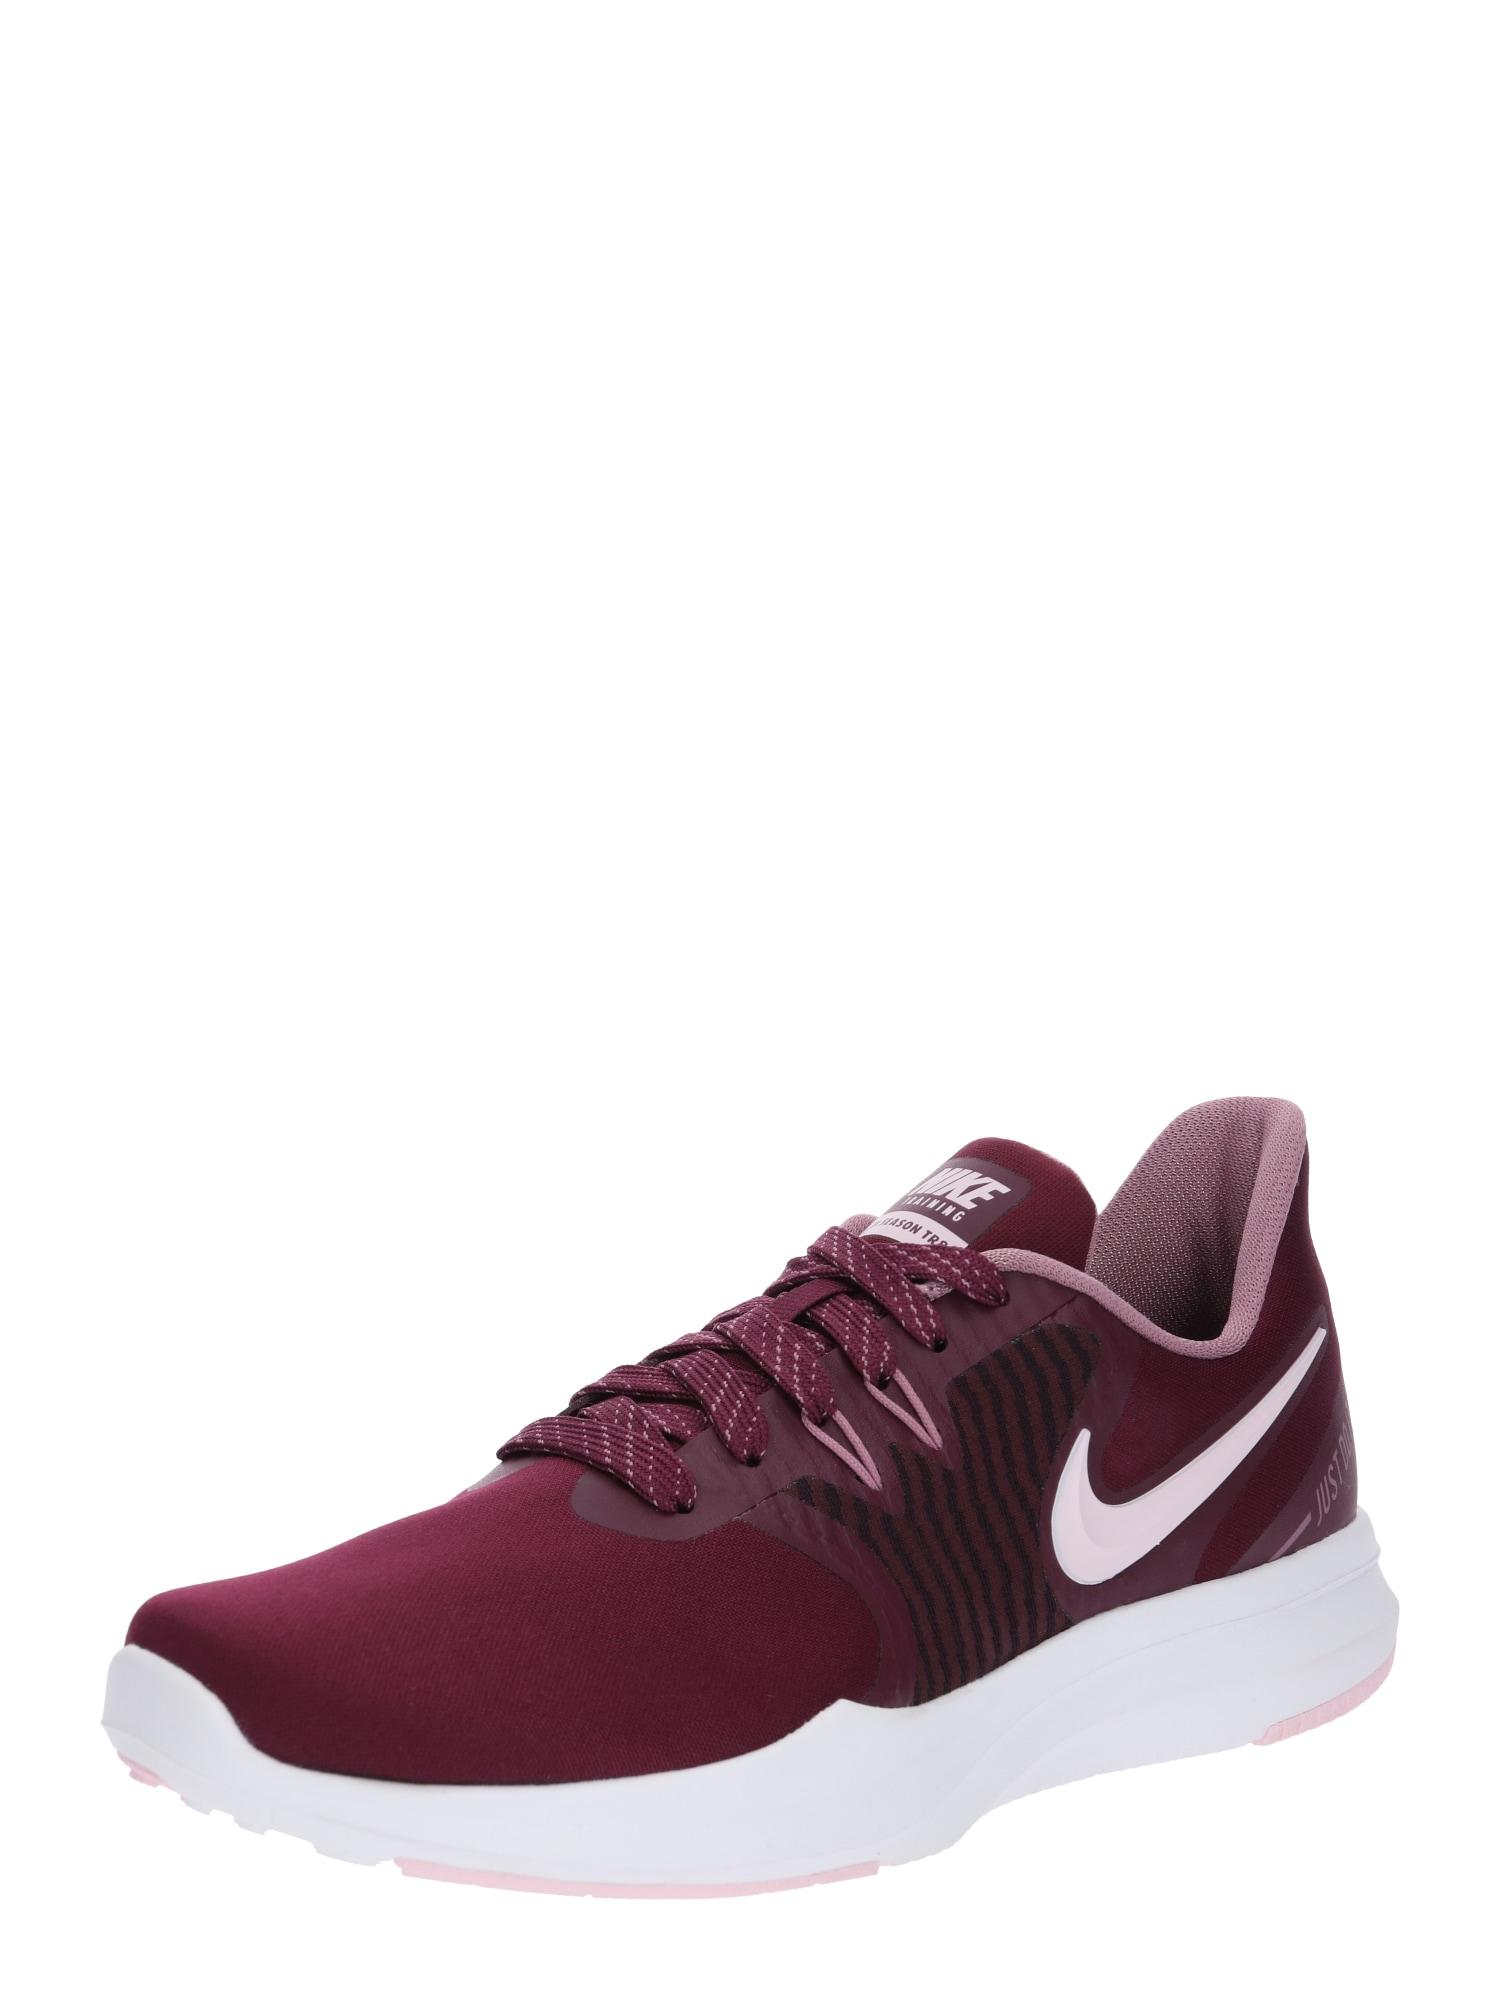 Sportovní boty In-Season Tr 8 bordó NIKE